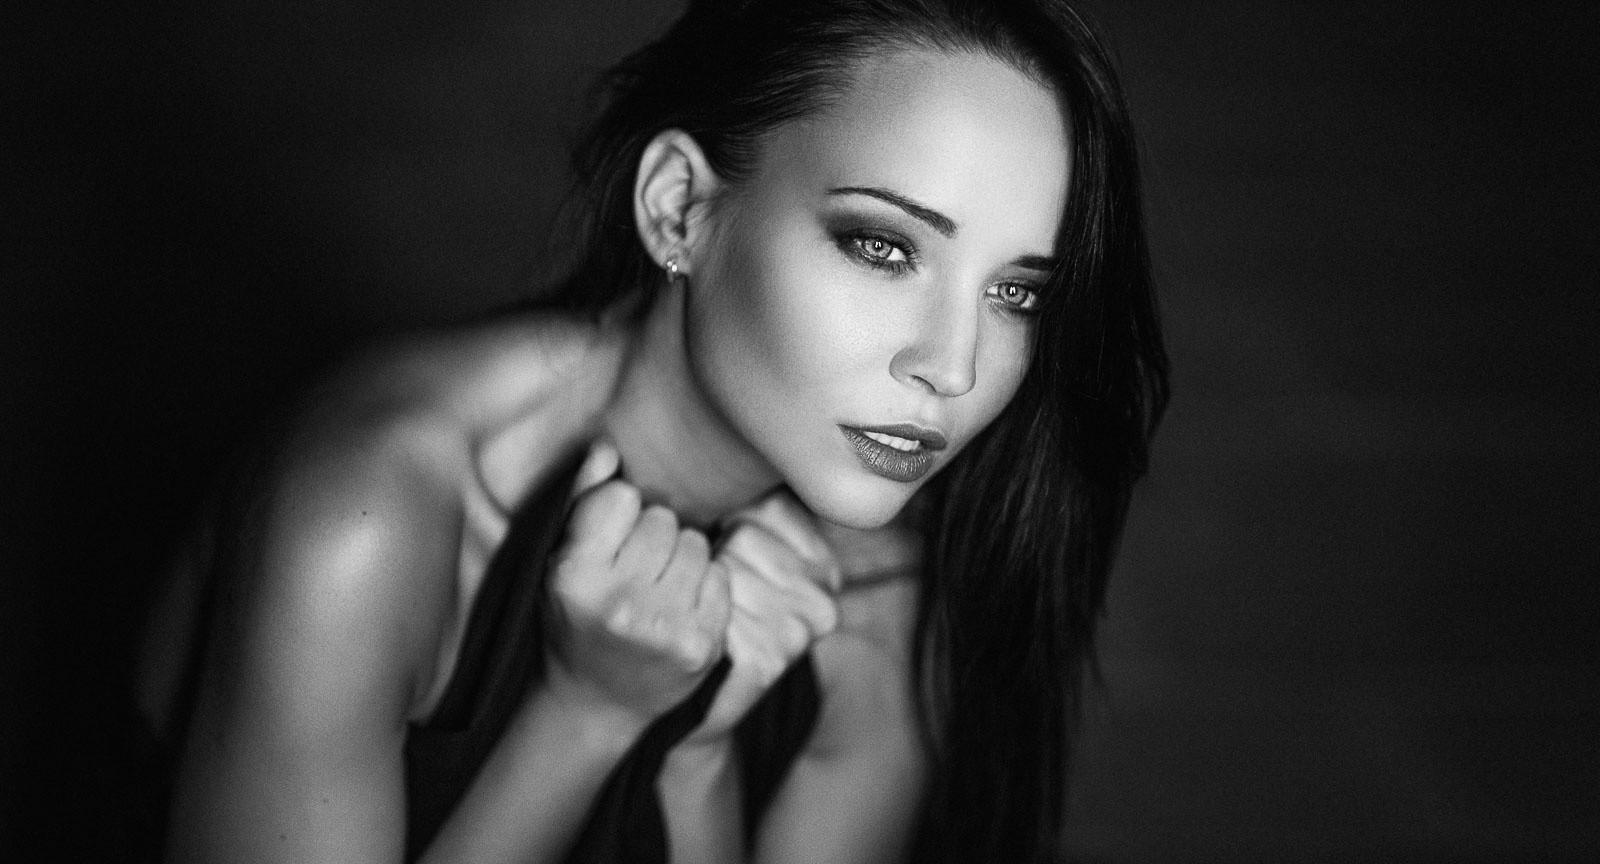 Fondos de pantalla : cara, mujer, monocromo, modelo, pelo largo ...